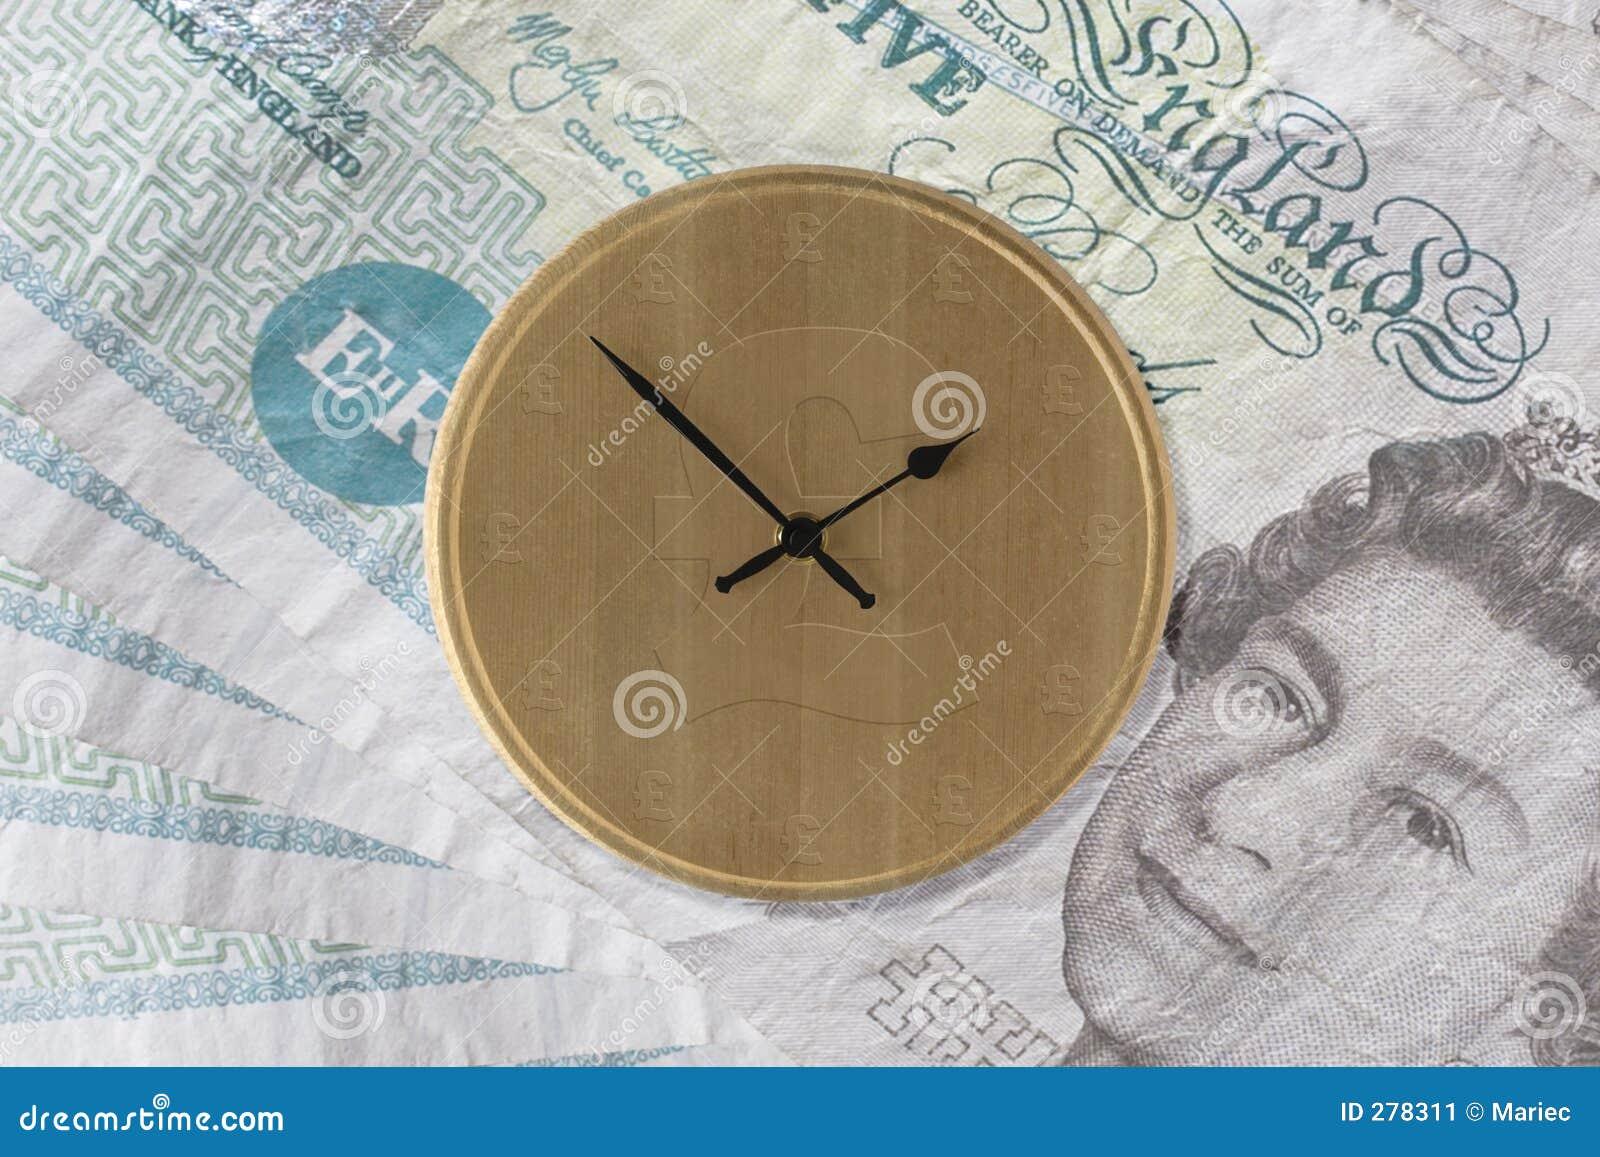 De tijd is Geld - Britse Versie